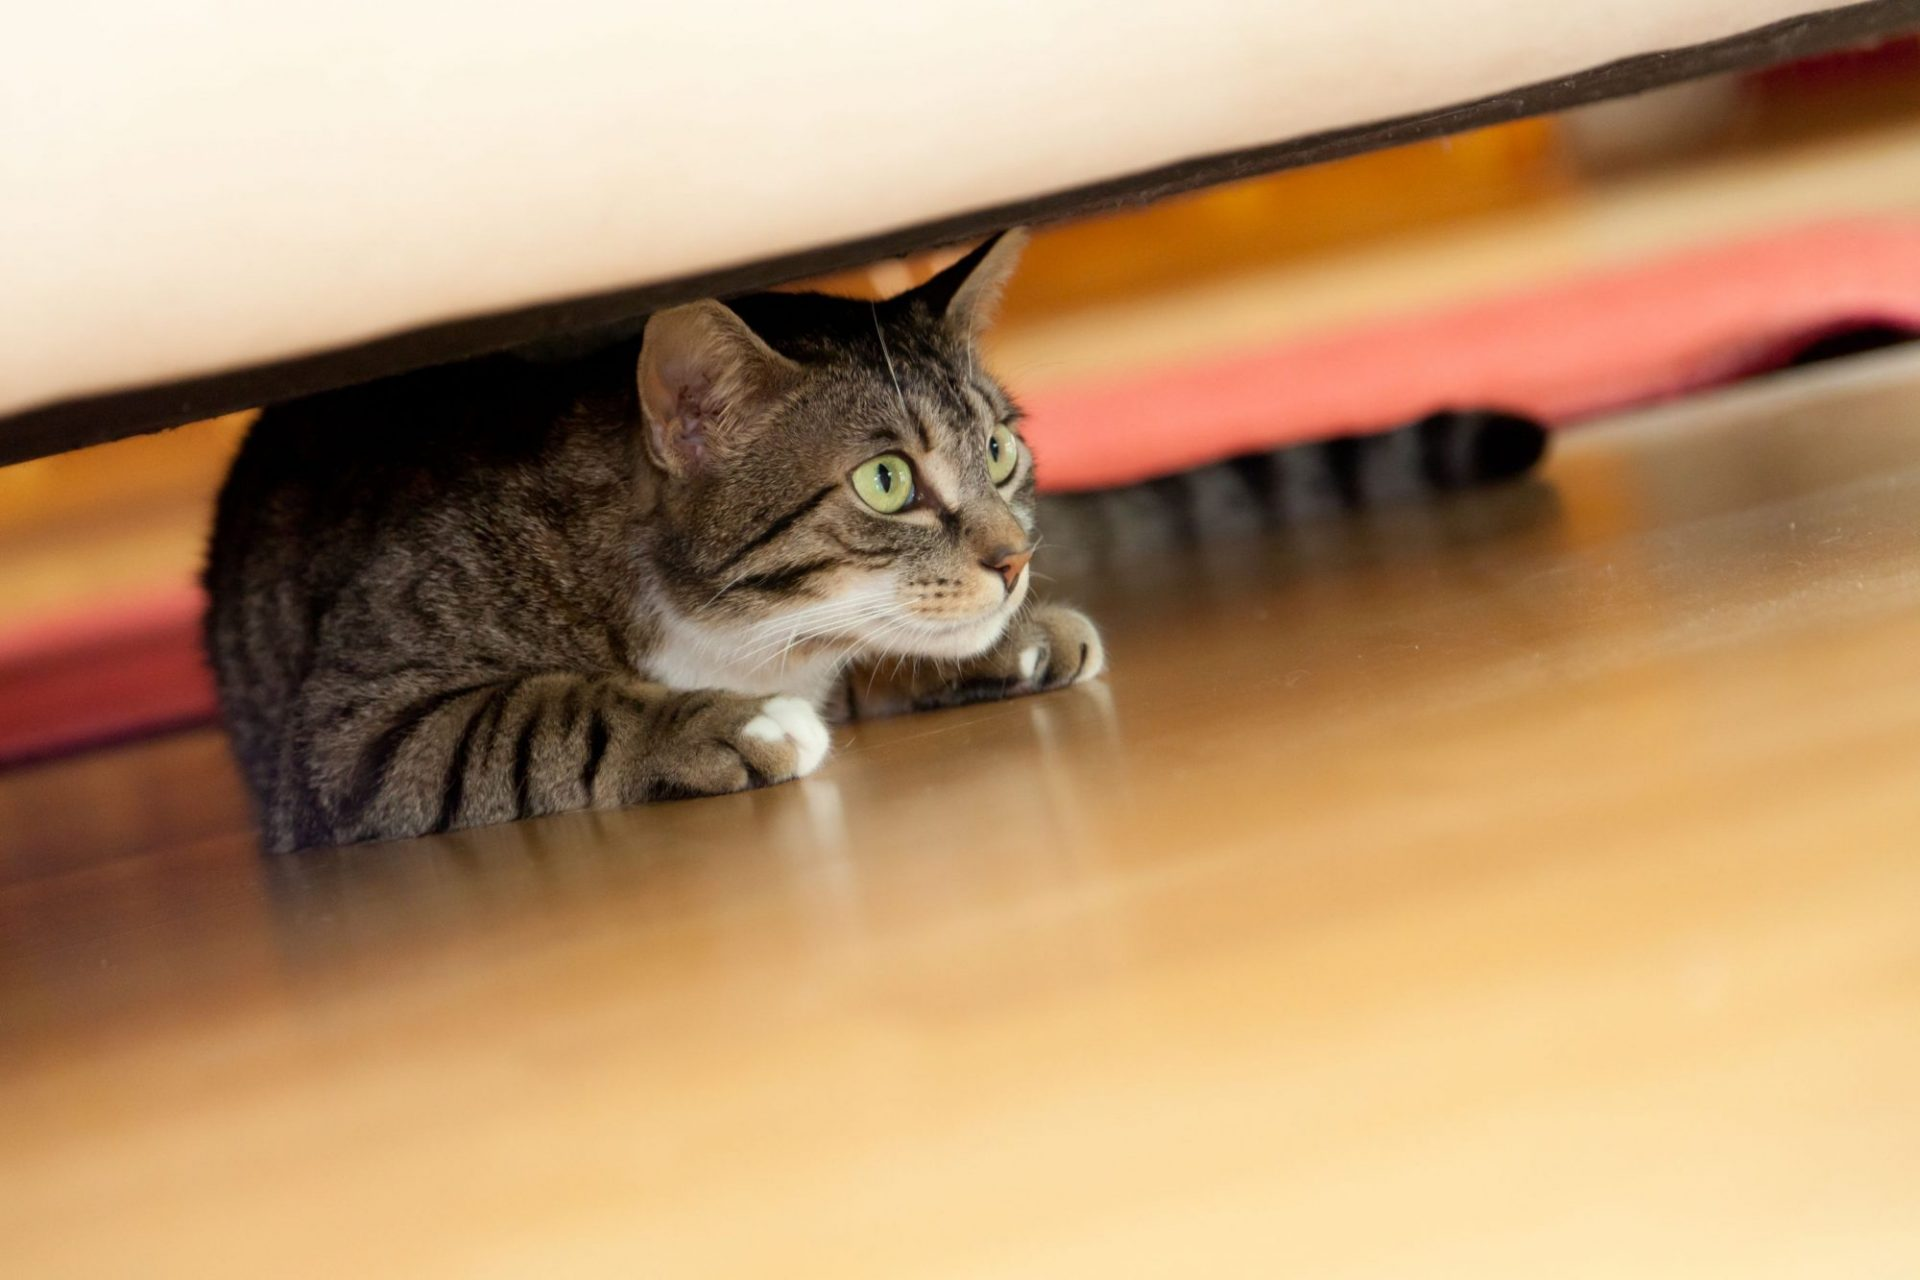 Un gato ansioso se esconde debajo de una cama.